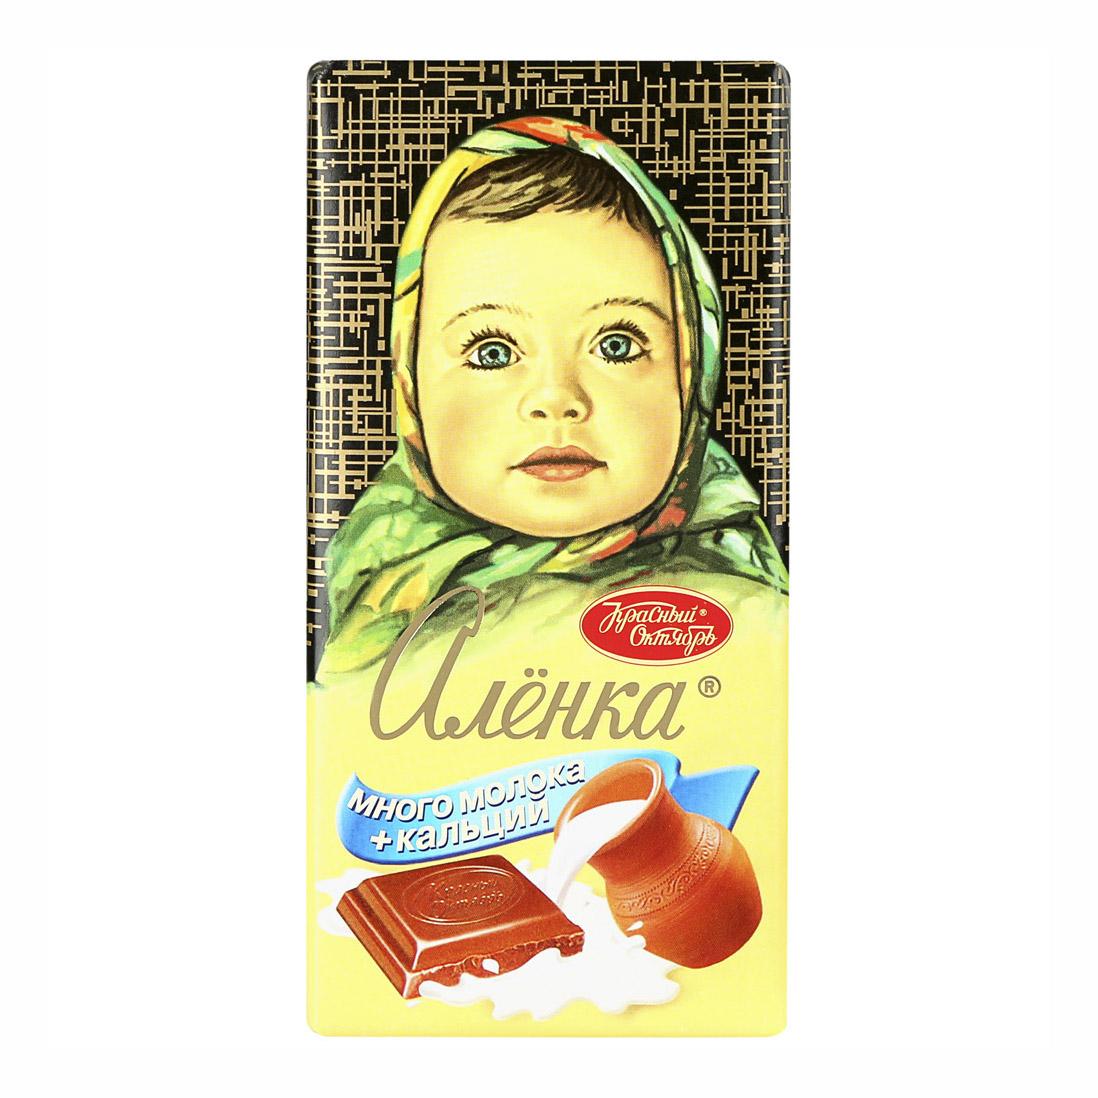 шоколад молочный аленка пористый 95 г Шоколад молочный Аленка Много молока 100 г